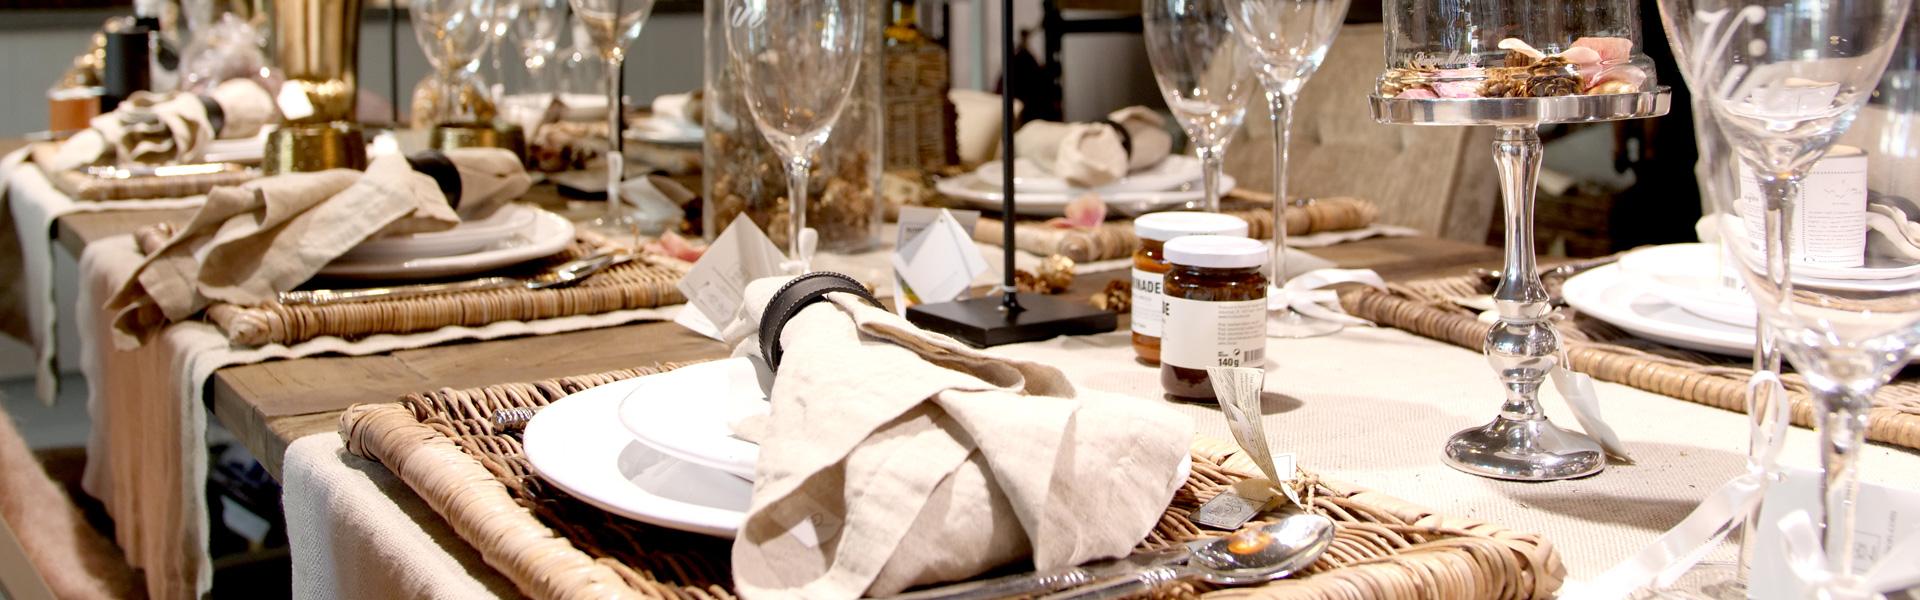 Brands bei Jaspers & Co. in Zug | Rivièra Maison | Esstisch gedeckt